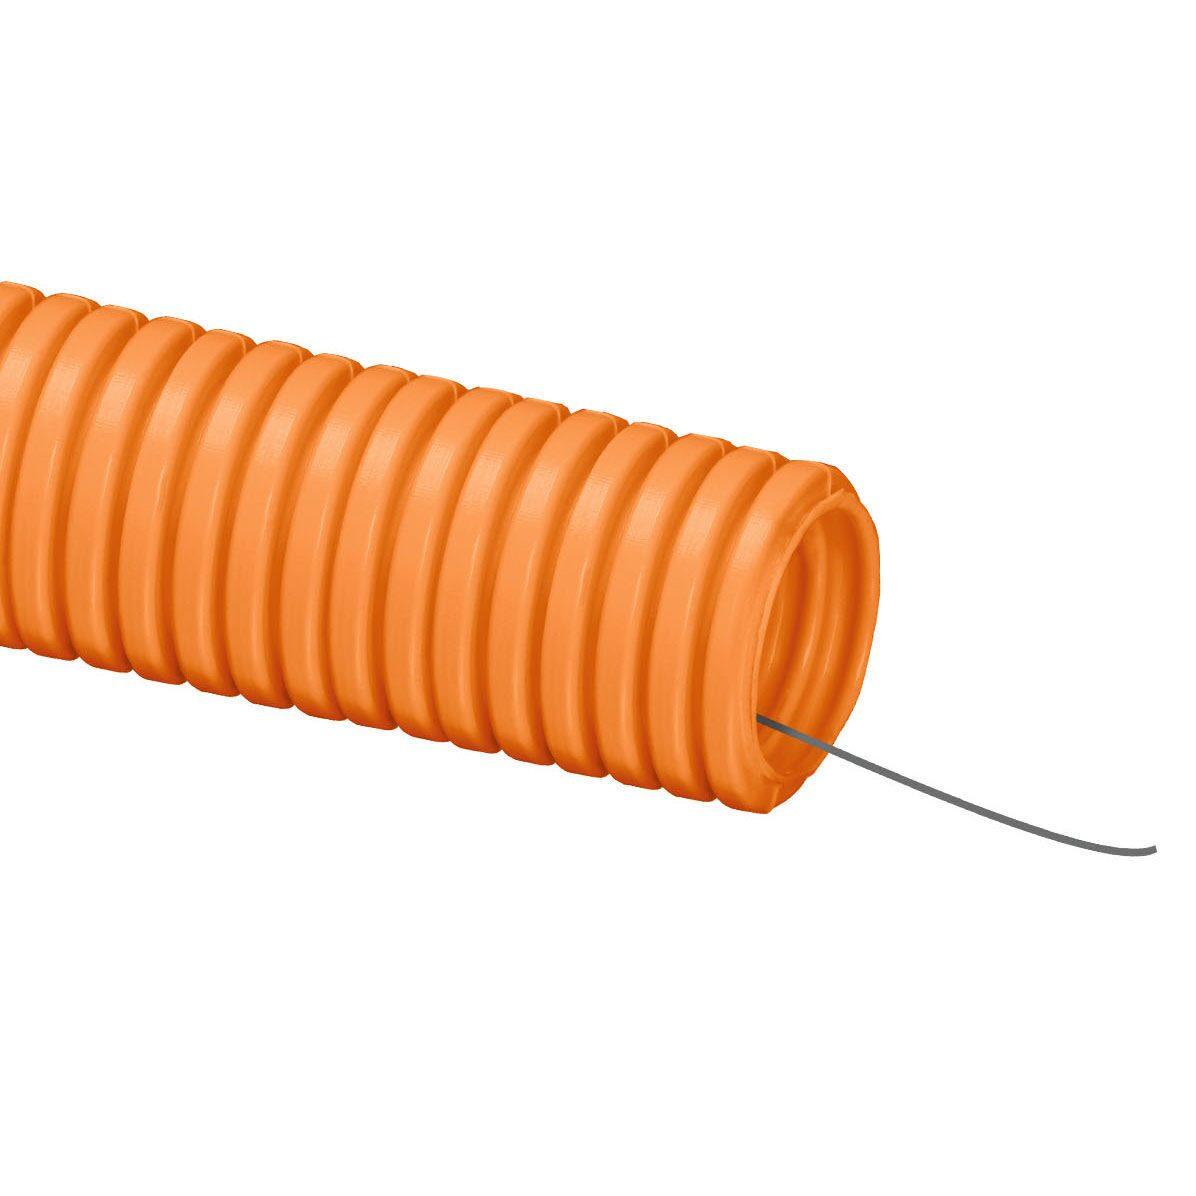 Труба гофрированная ПНД 16 мм  с протяжкой тяжелая оранжевая (100 м)